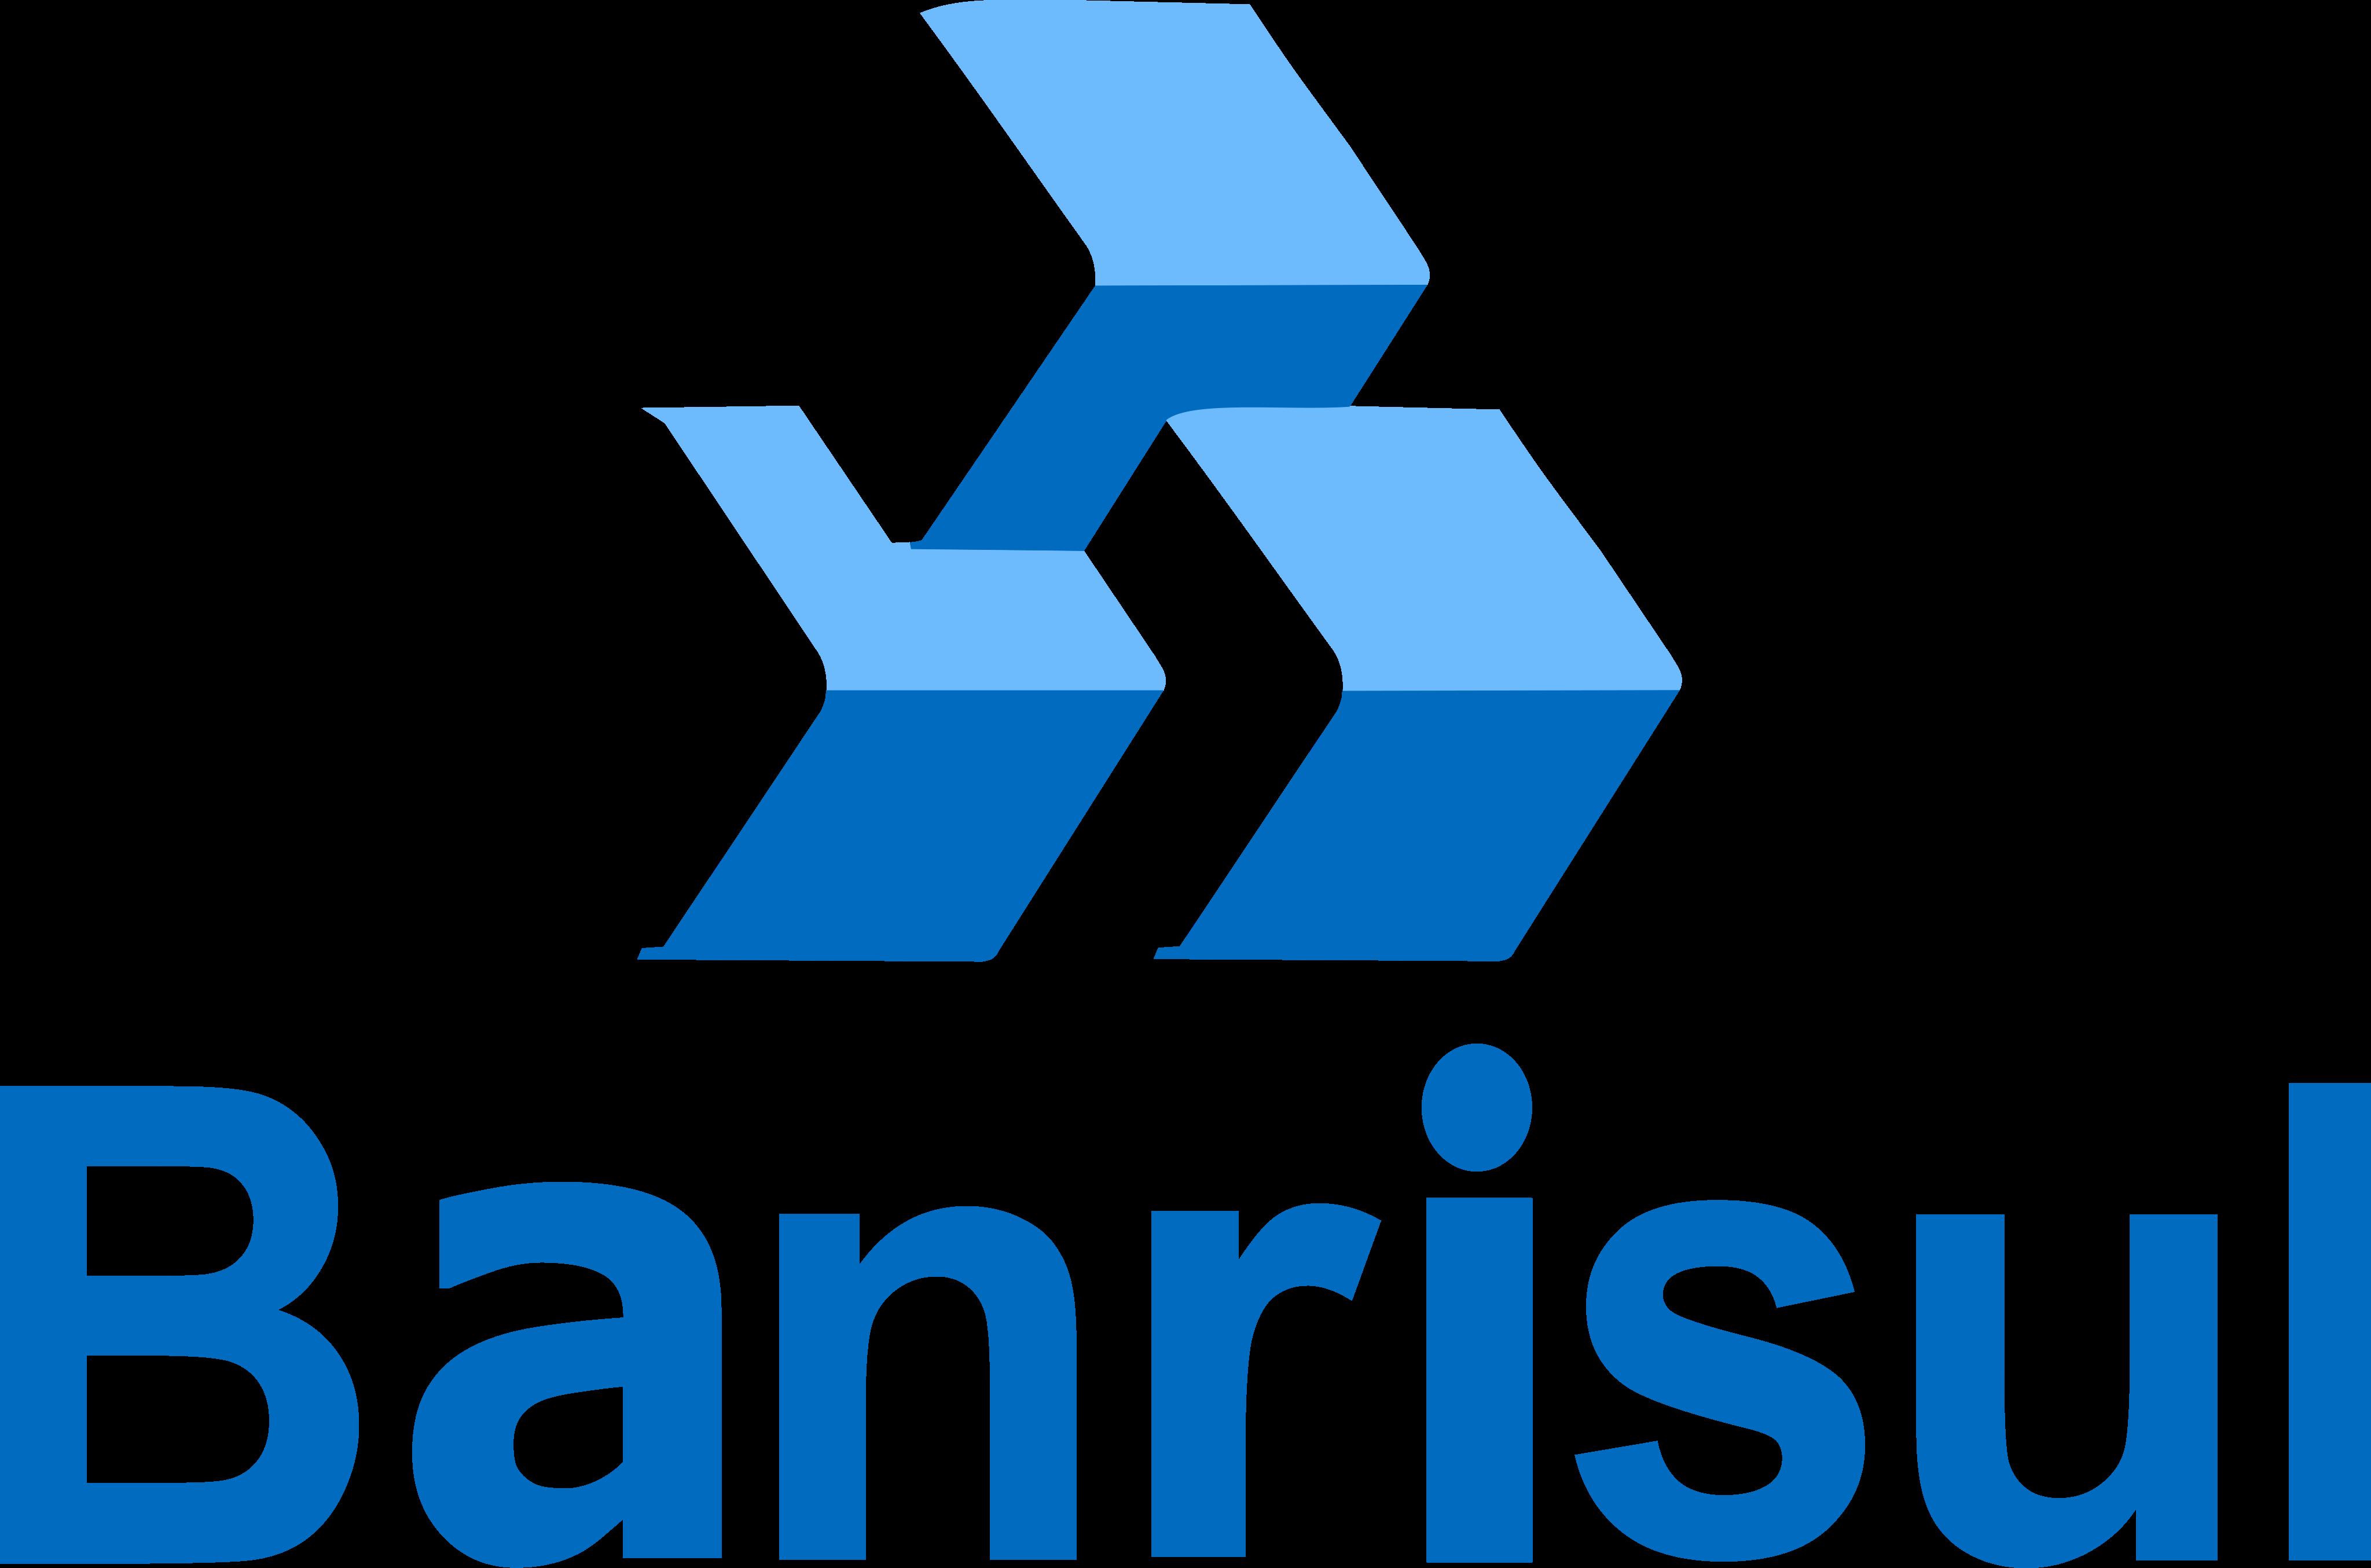 banrisul logo 2 - Banrisul Logo